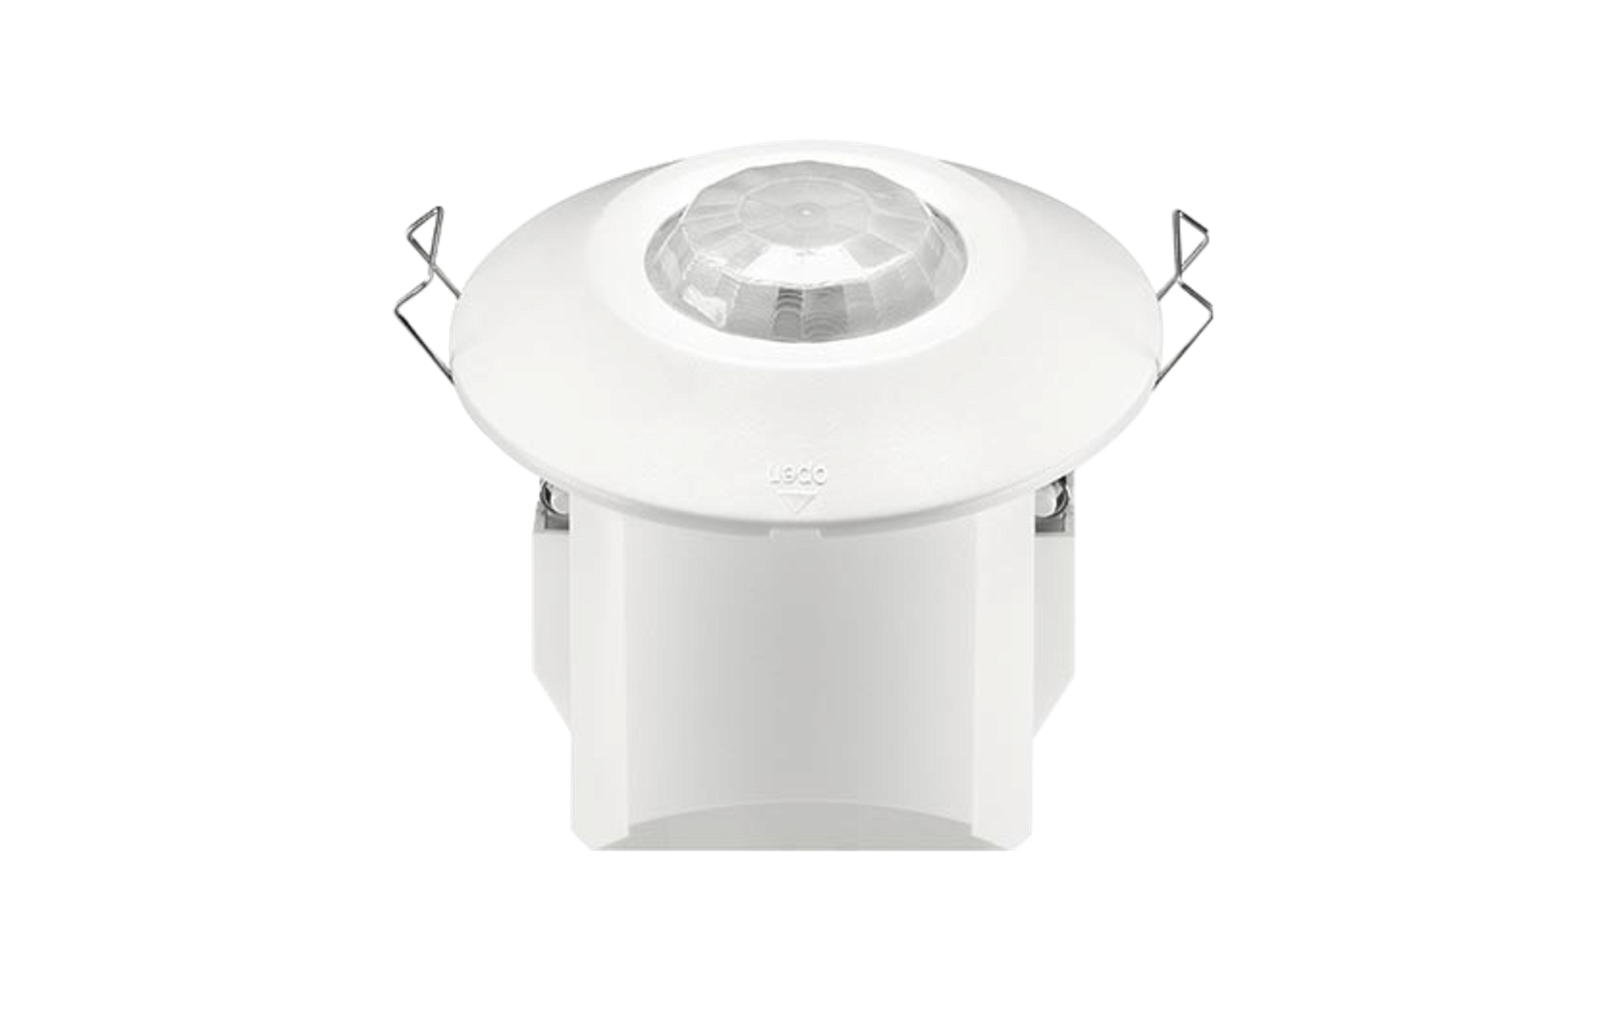 TRIDONIC basicDIM Wireless sensor CASAMBI